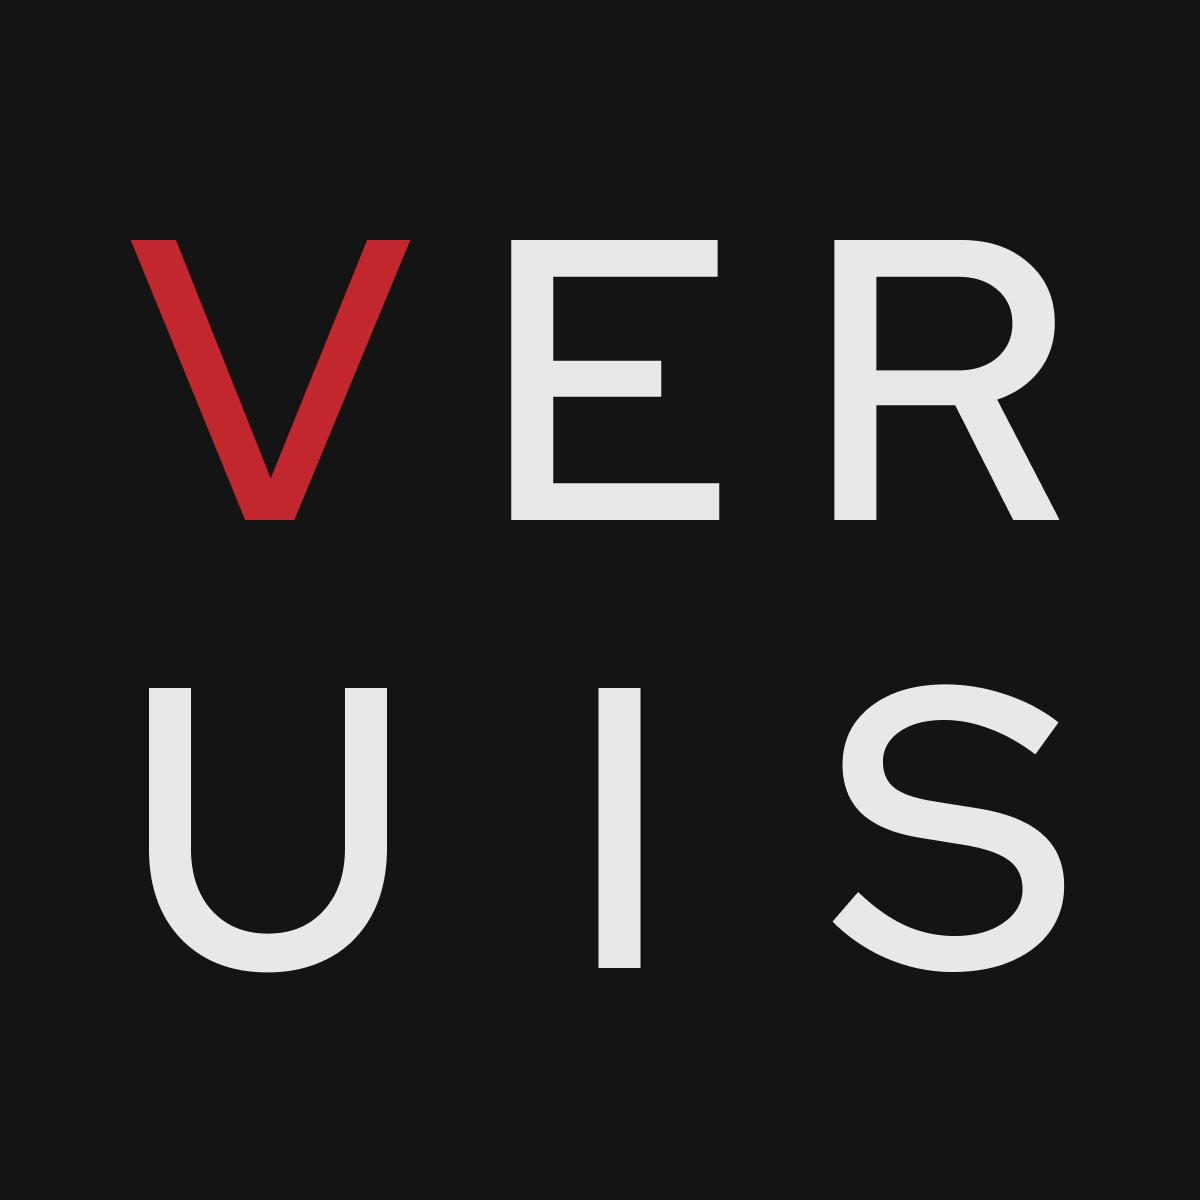 Veruis.com